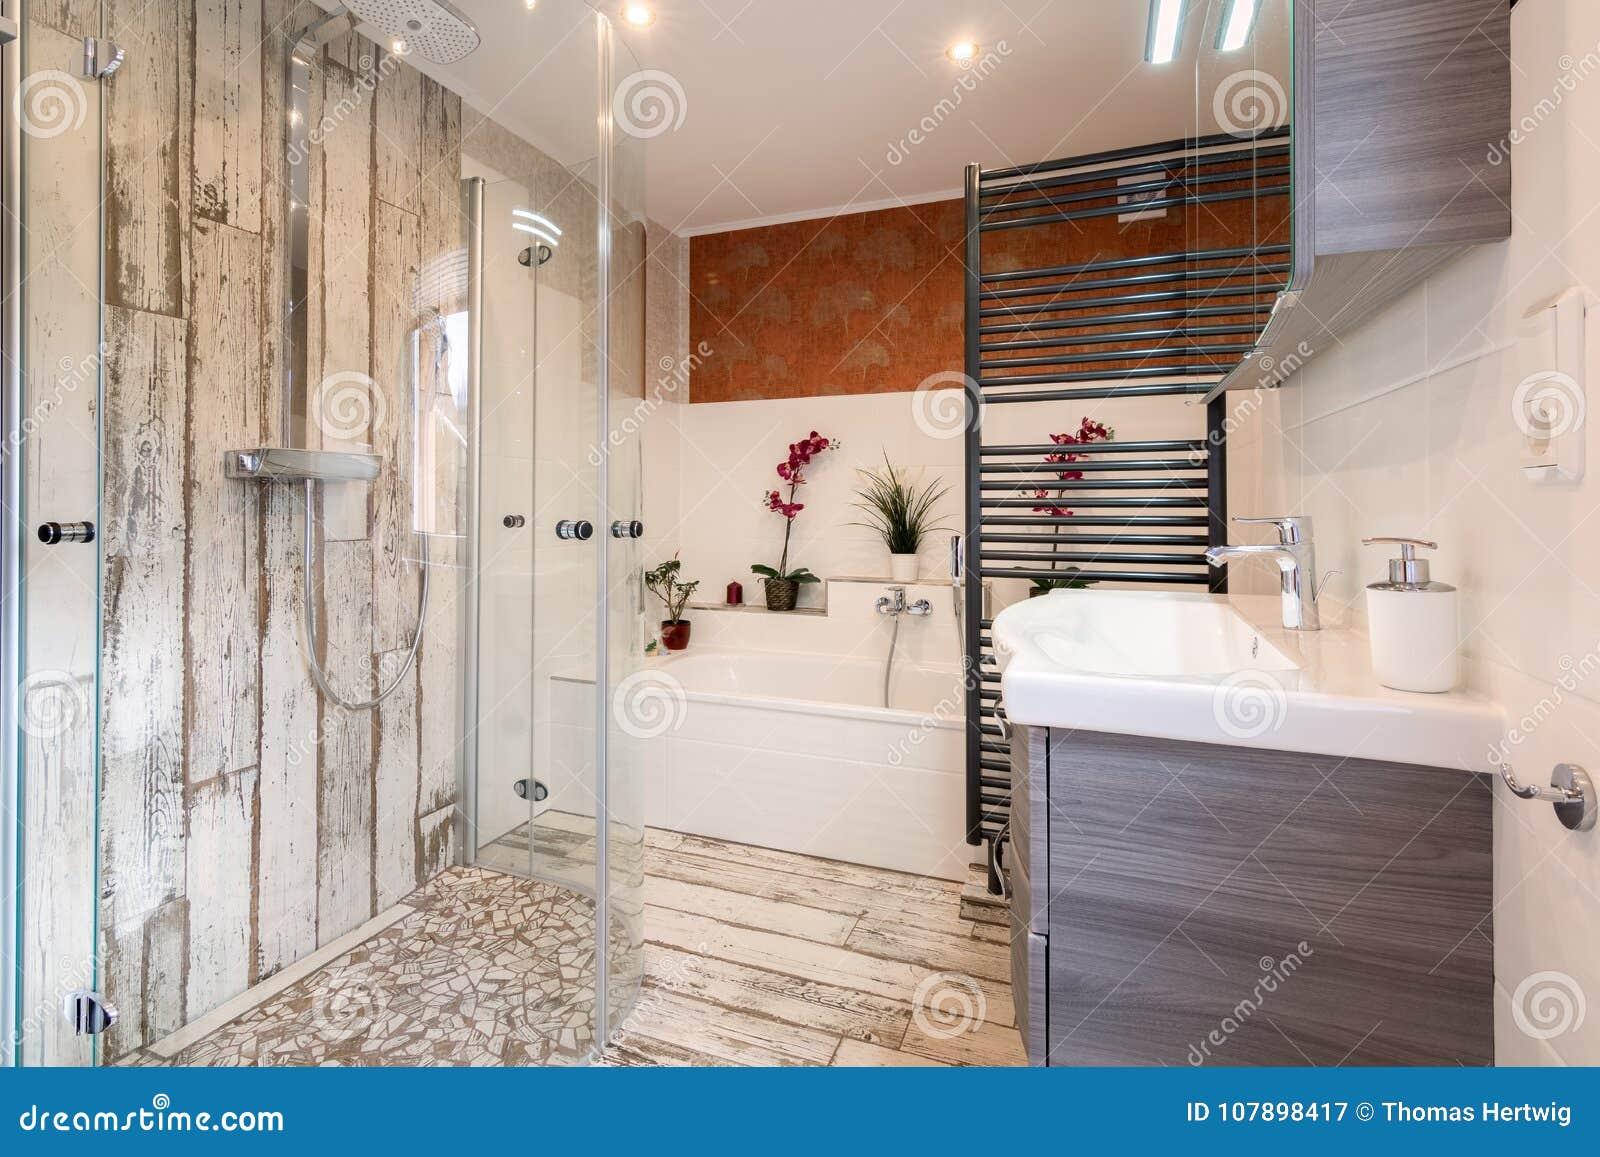 Cuarto De Baño Moderno En Estilo Del Vintage Imagen de ...